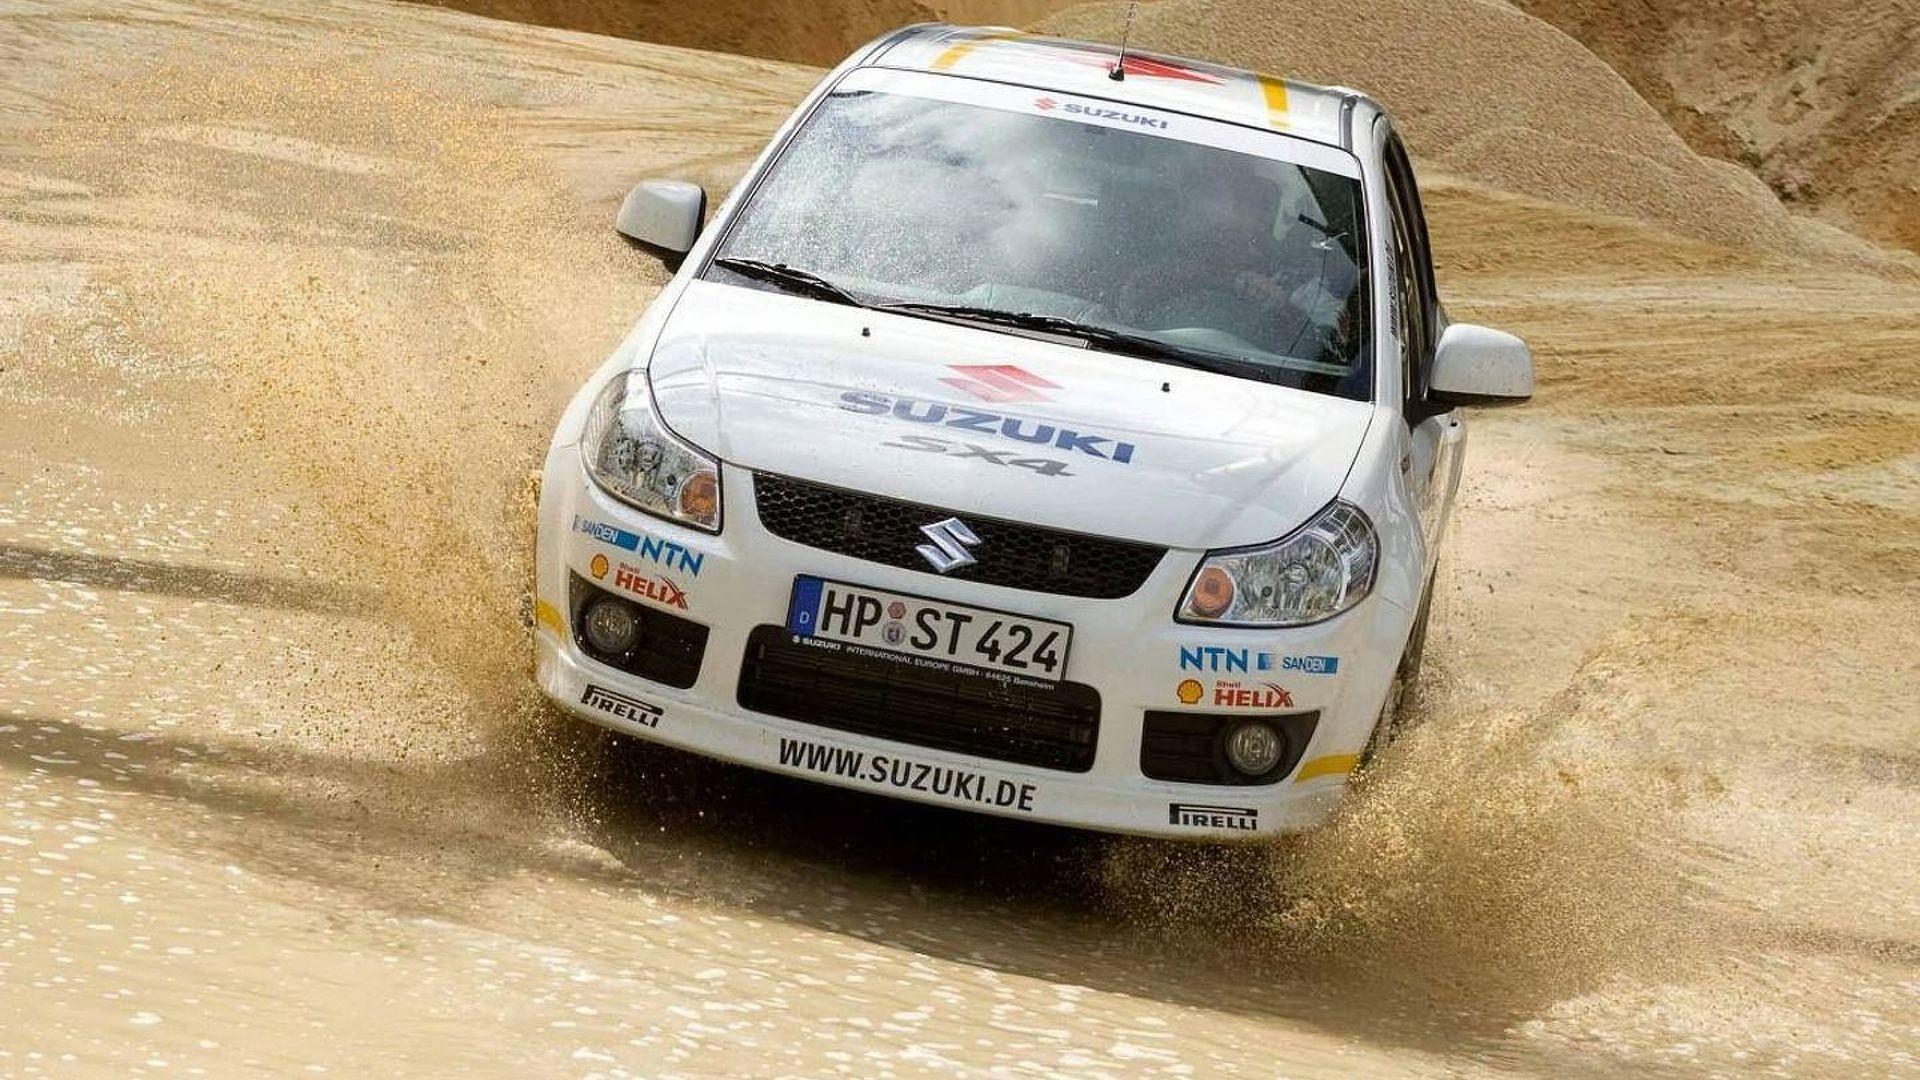 Suzuki SX4 WRC Special Edition (De)